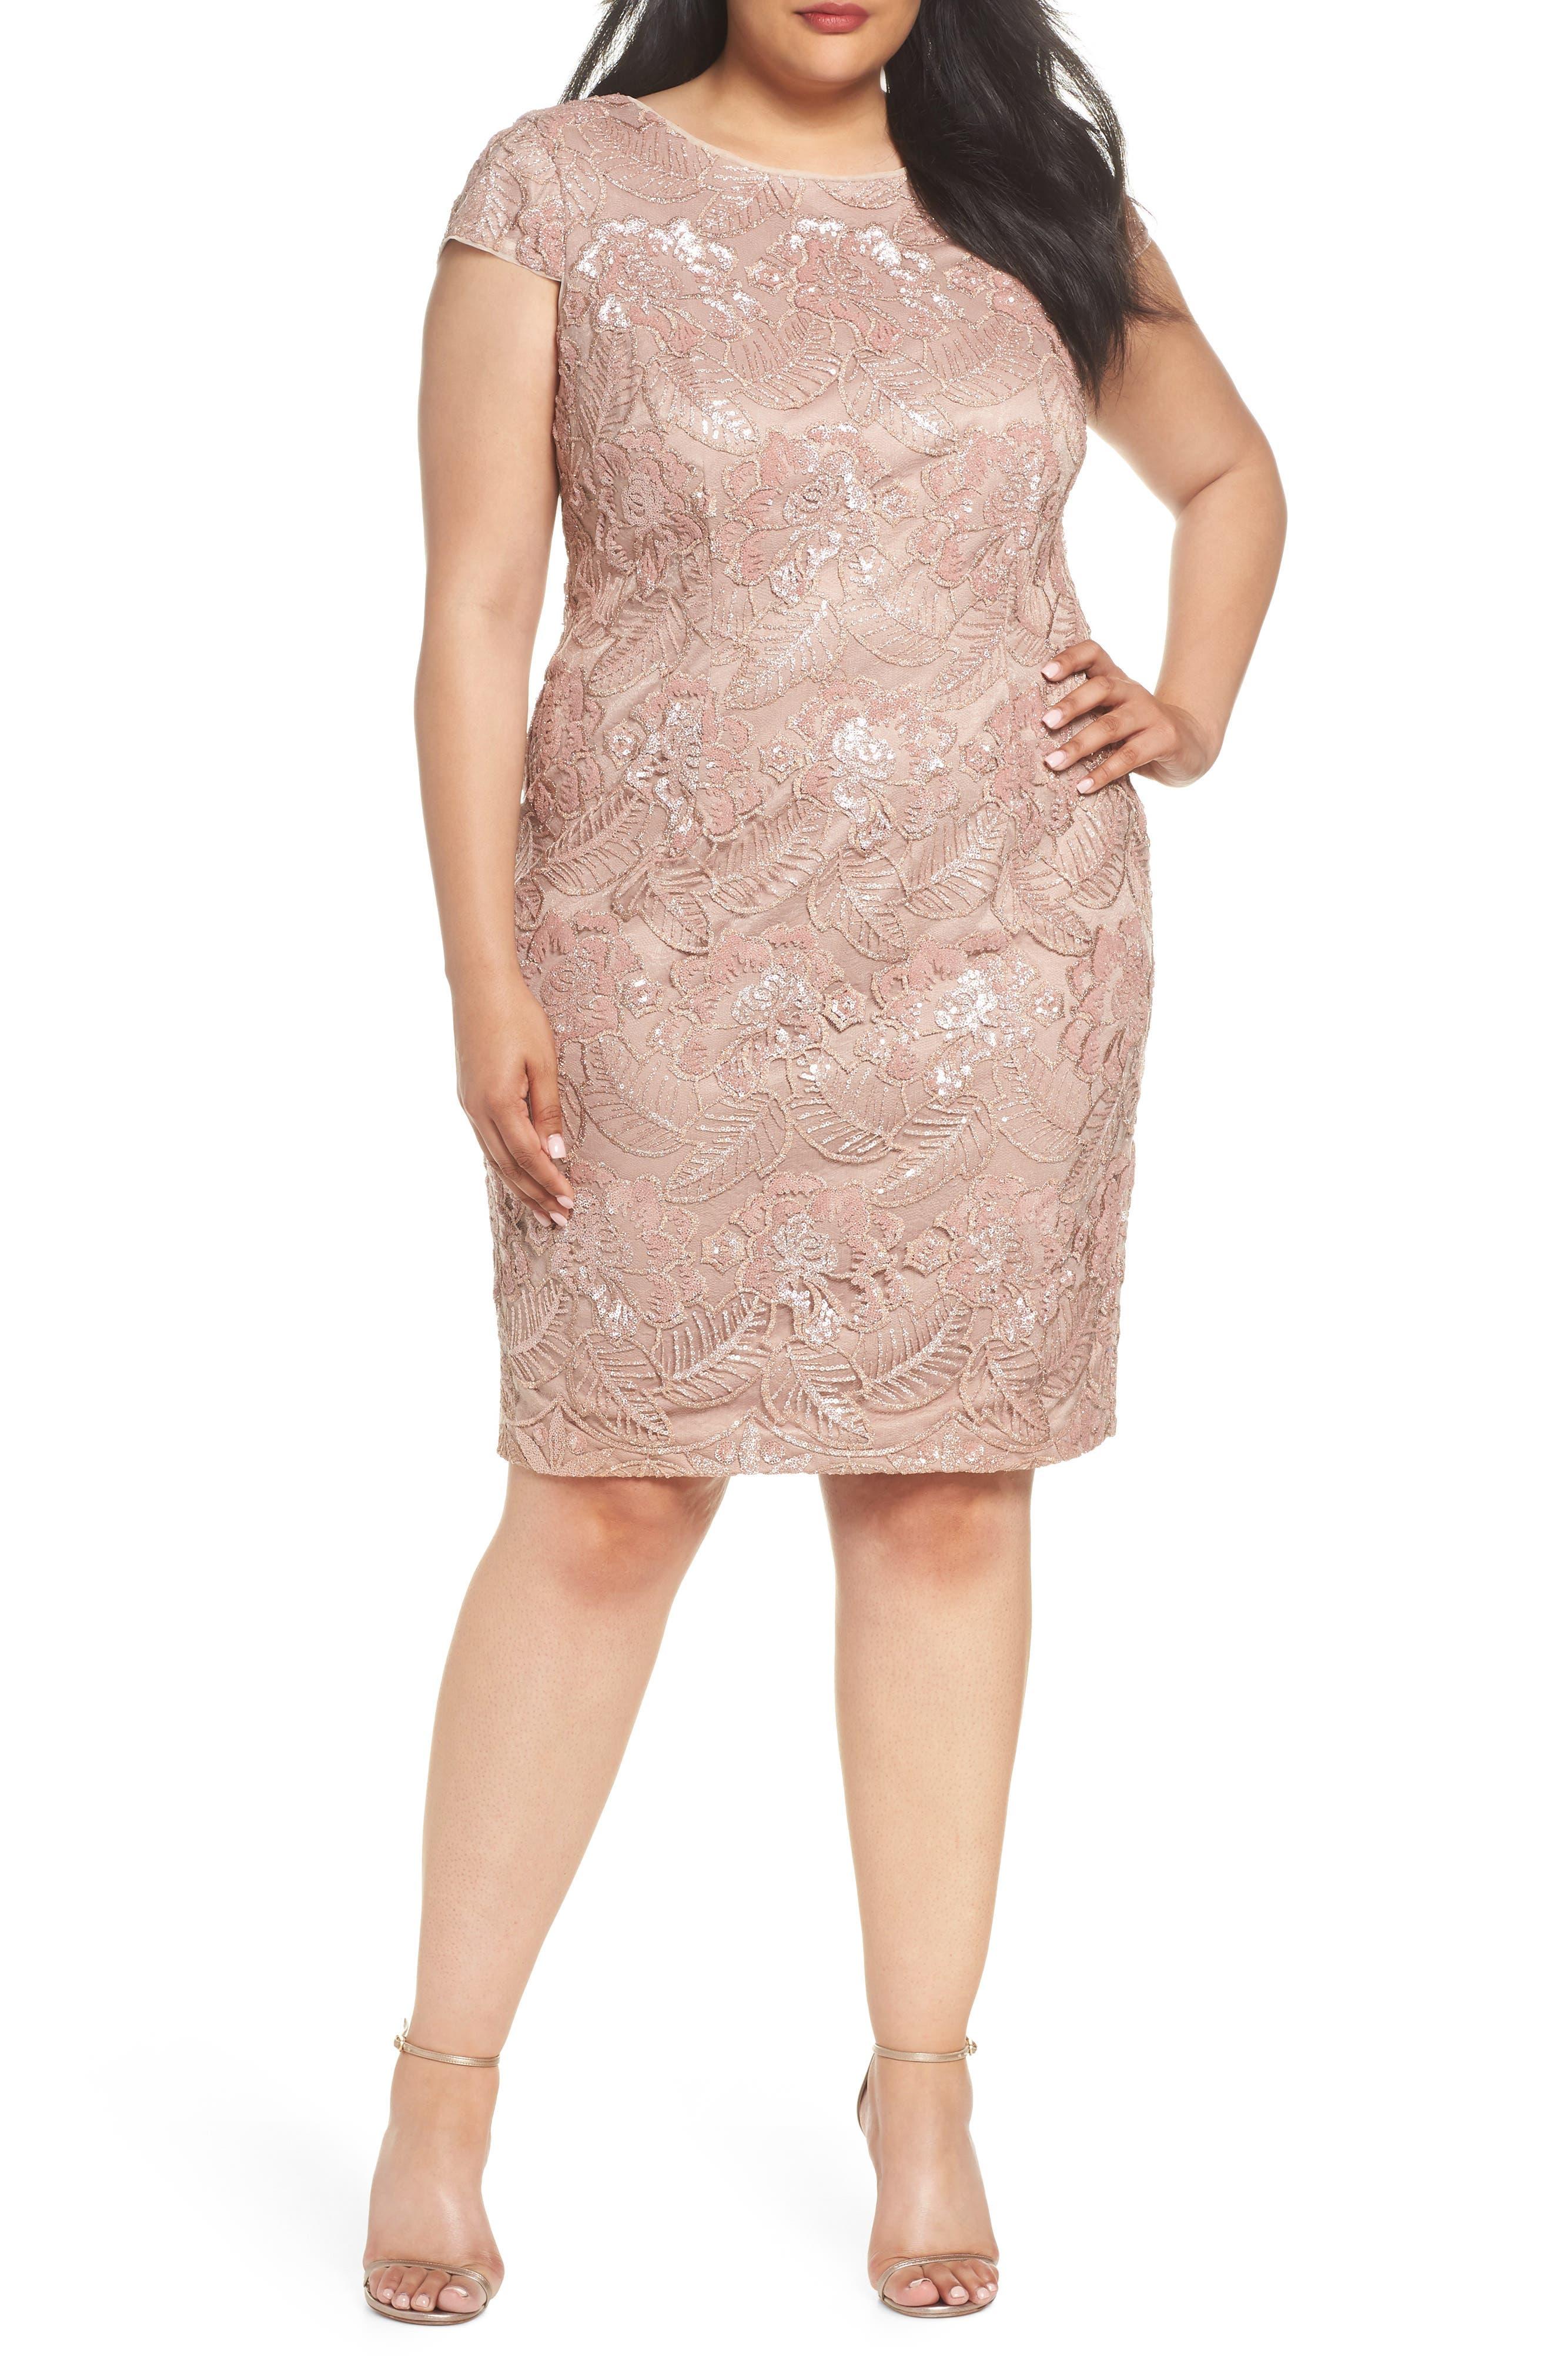 Sequin Lace Cocktail Dress,                             Main thumbnail 1, color,                             655